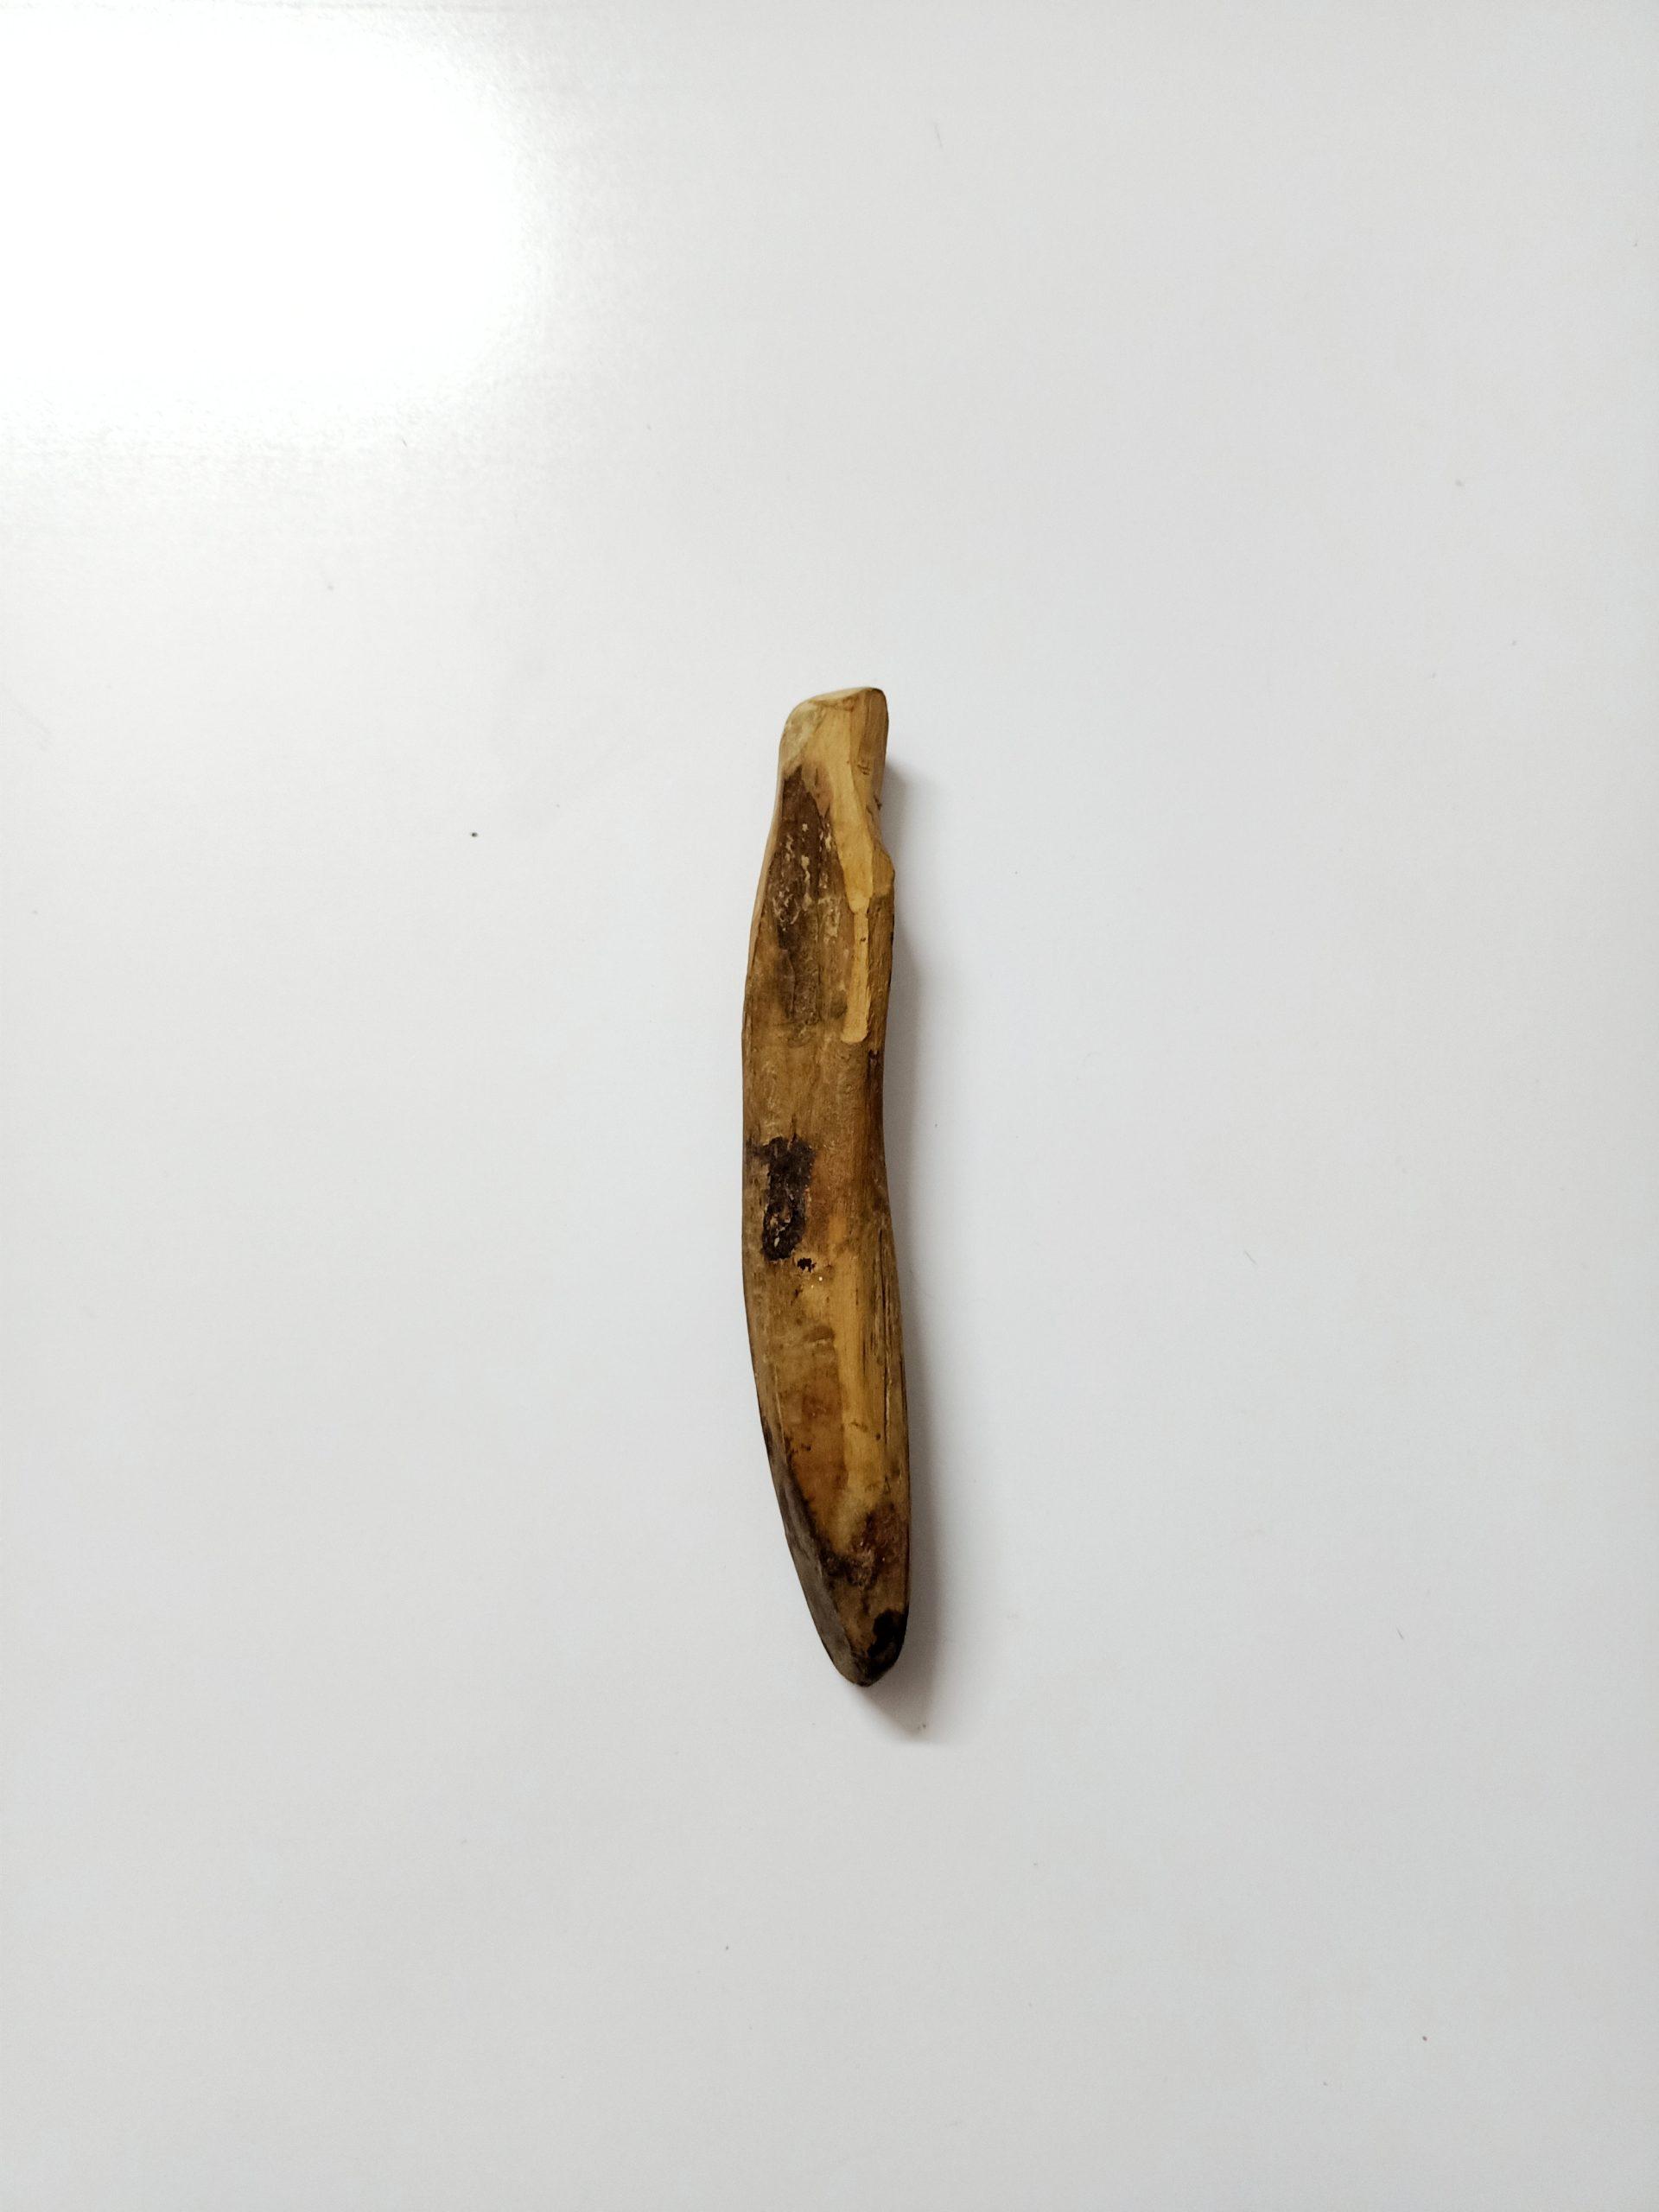 A wooden piece